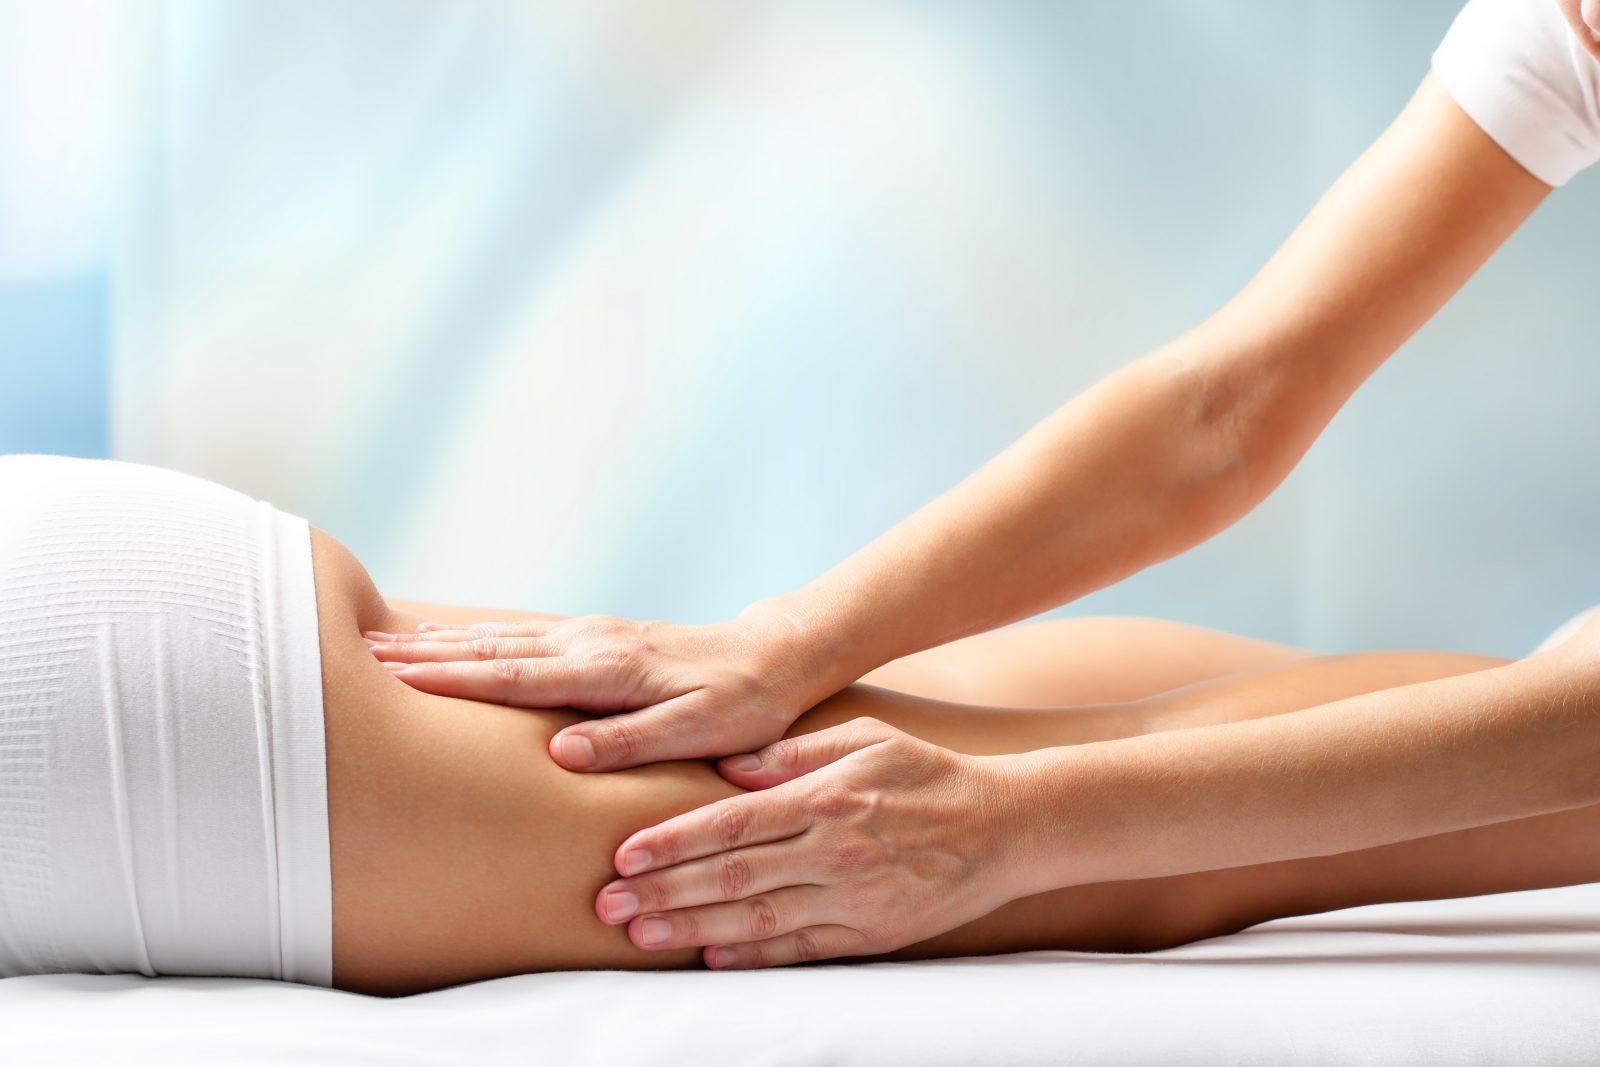 Woman receiving leg massage.